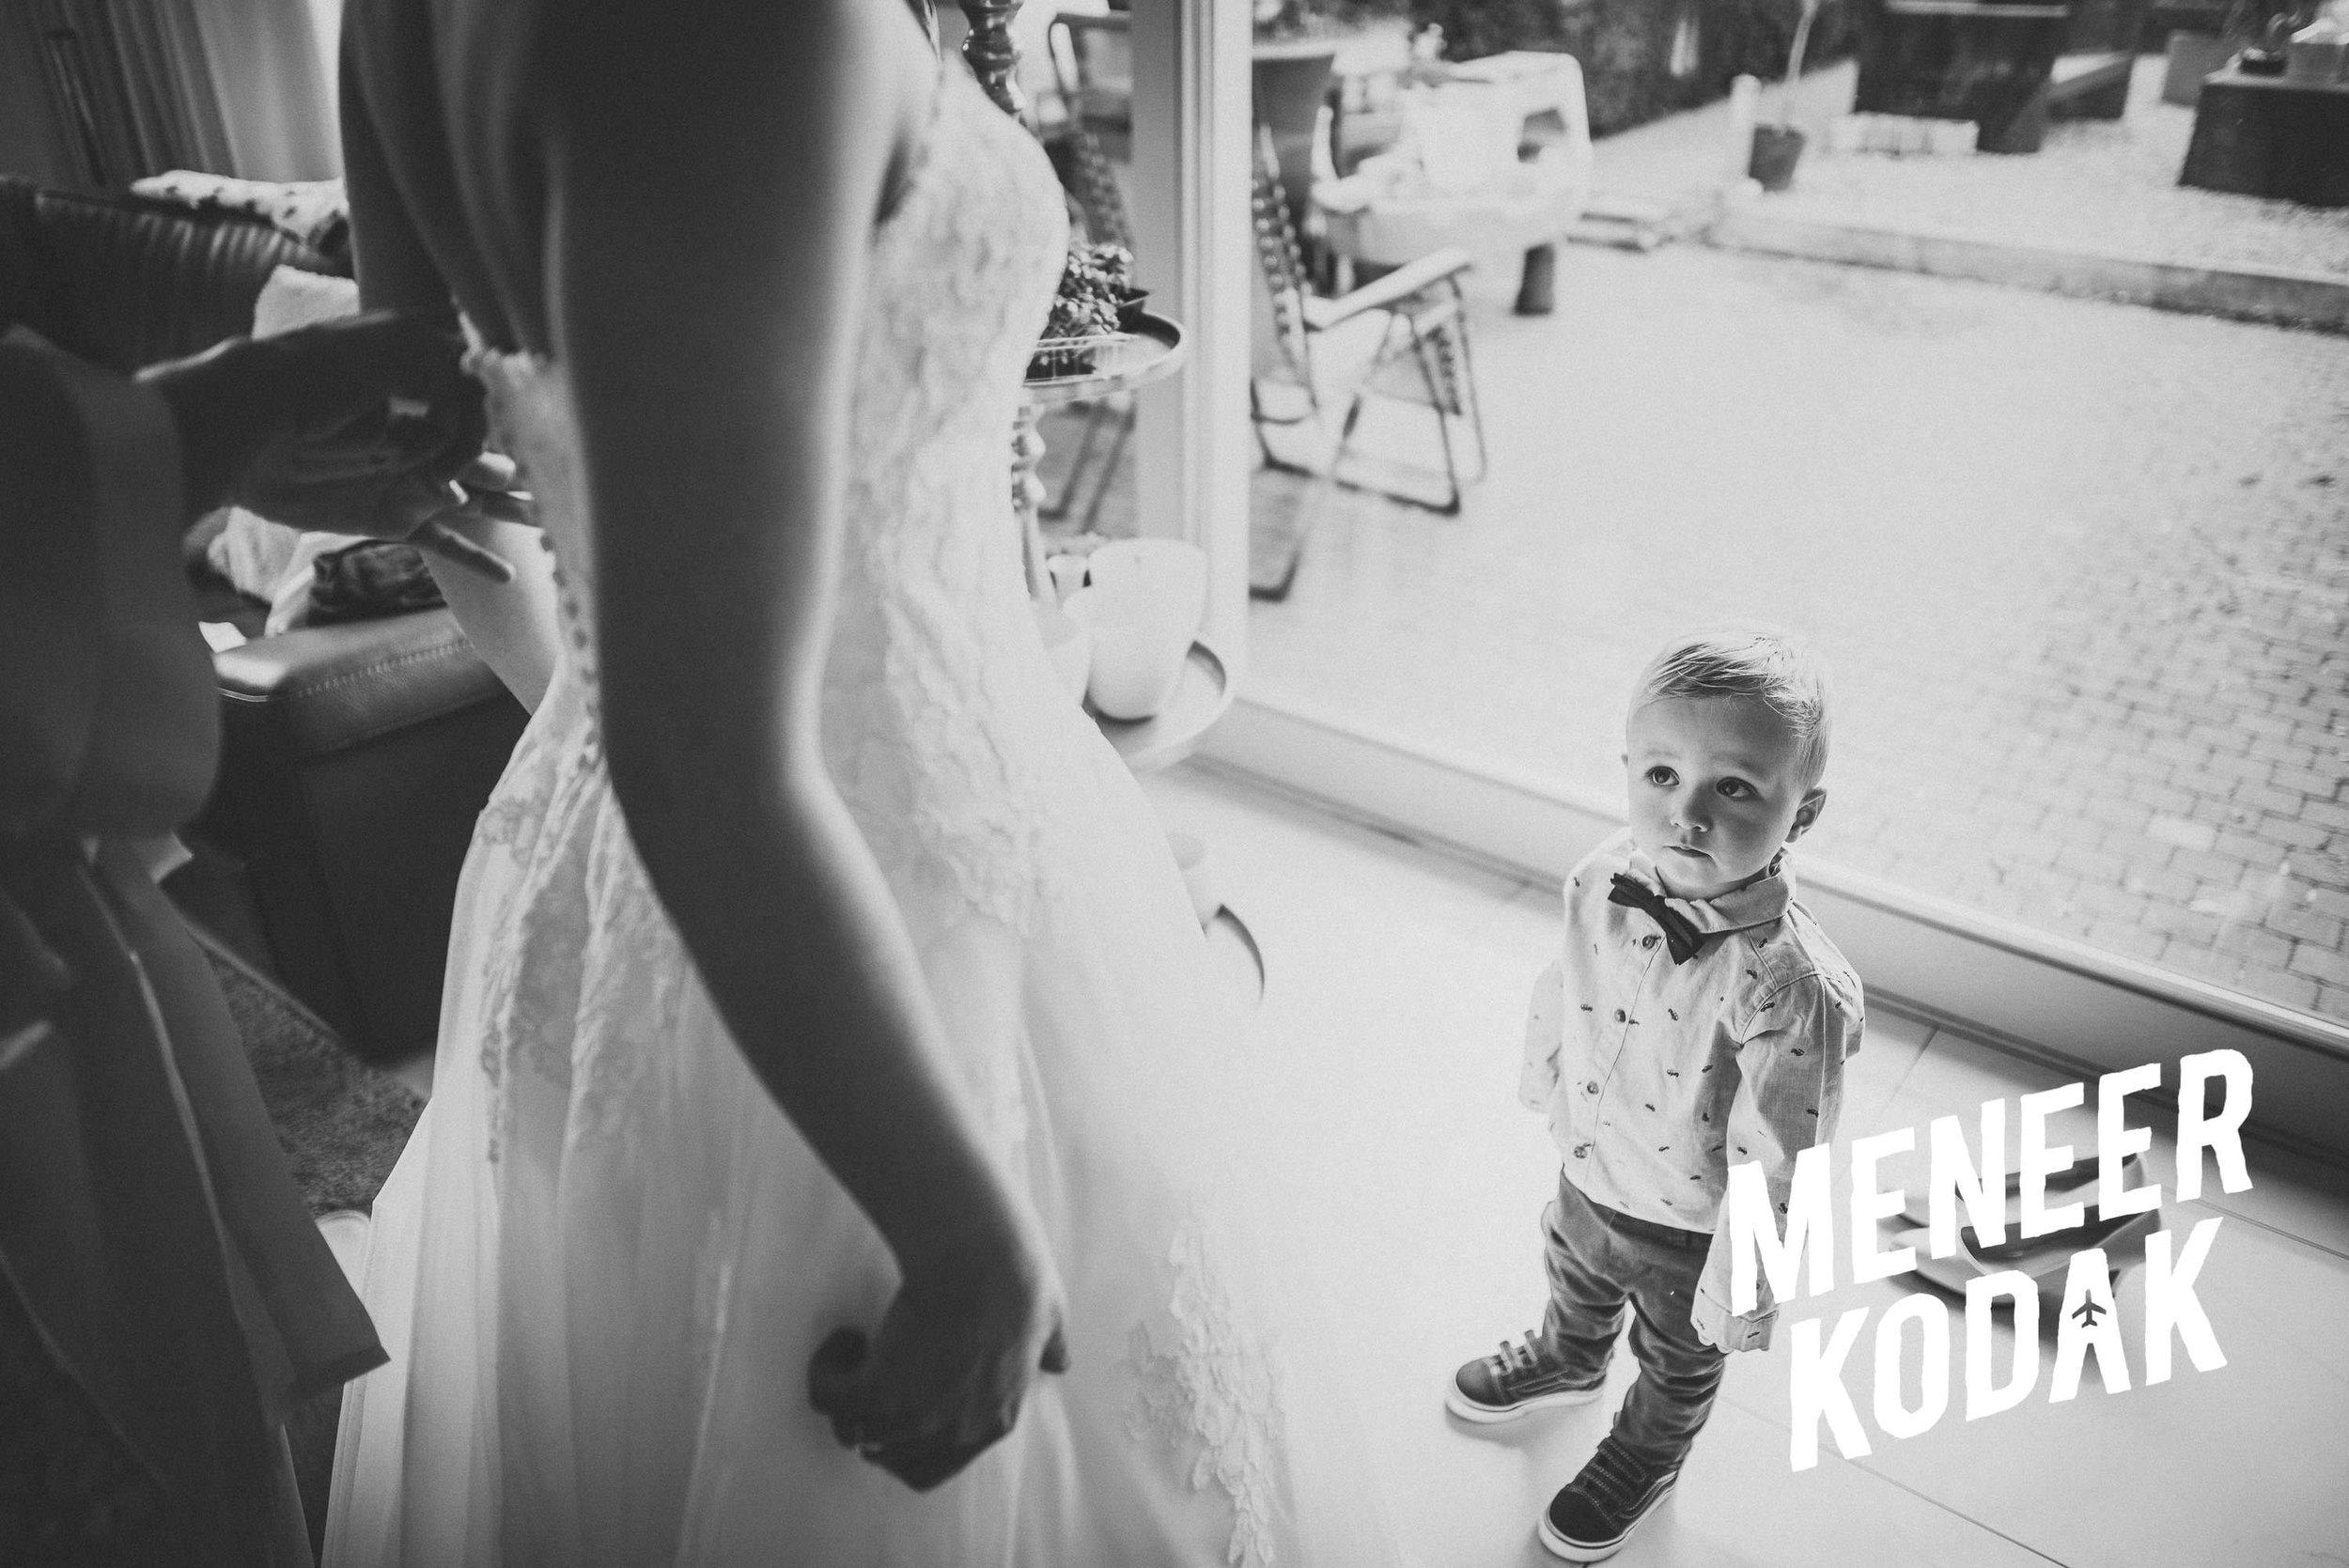 Meneer Kodak - Trouwfotograaf - Gent - D&T-003.jpg